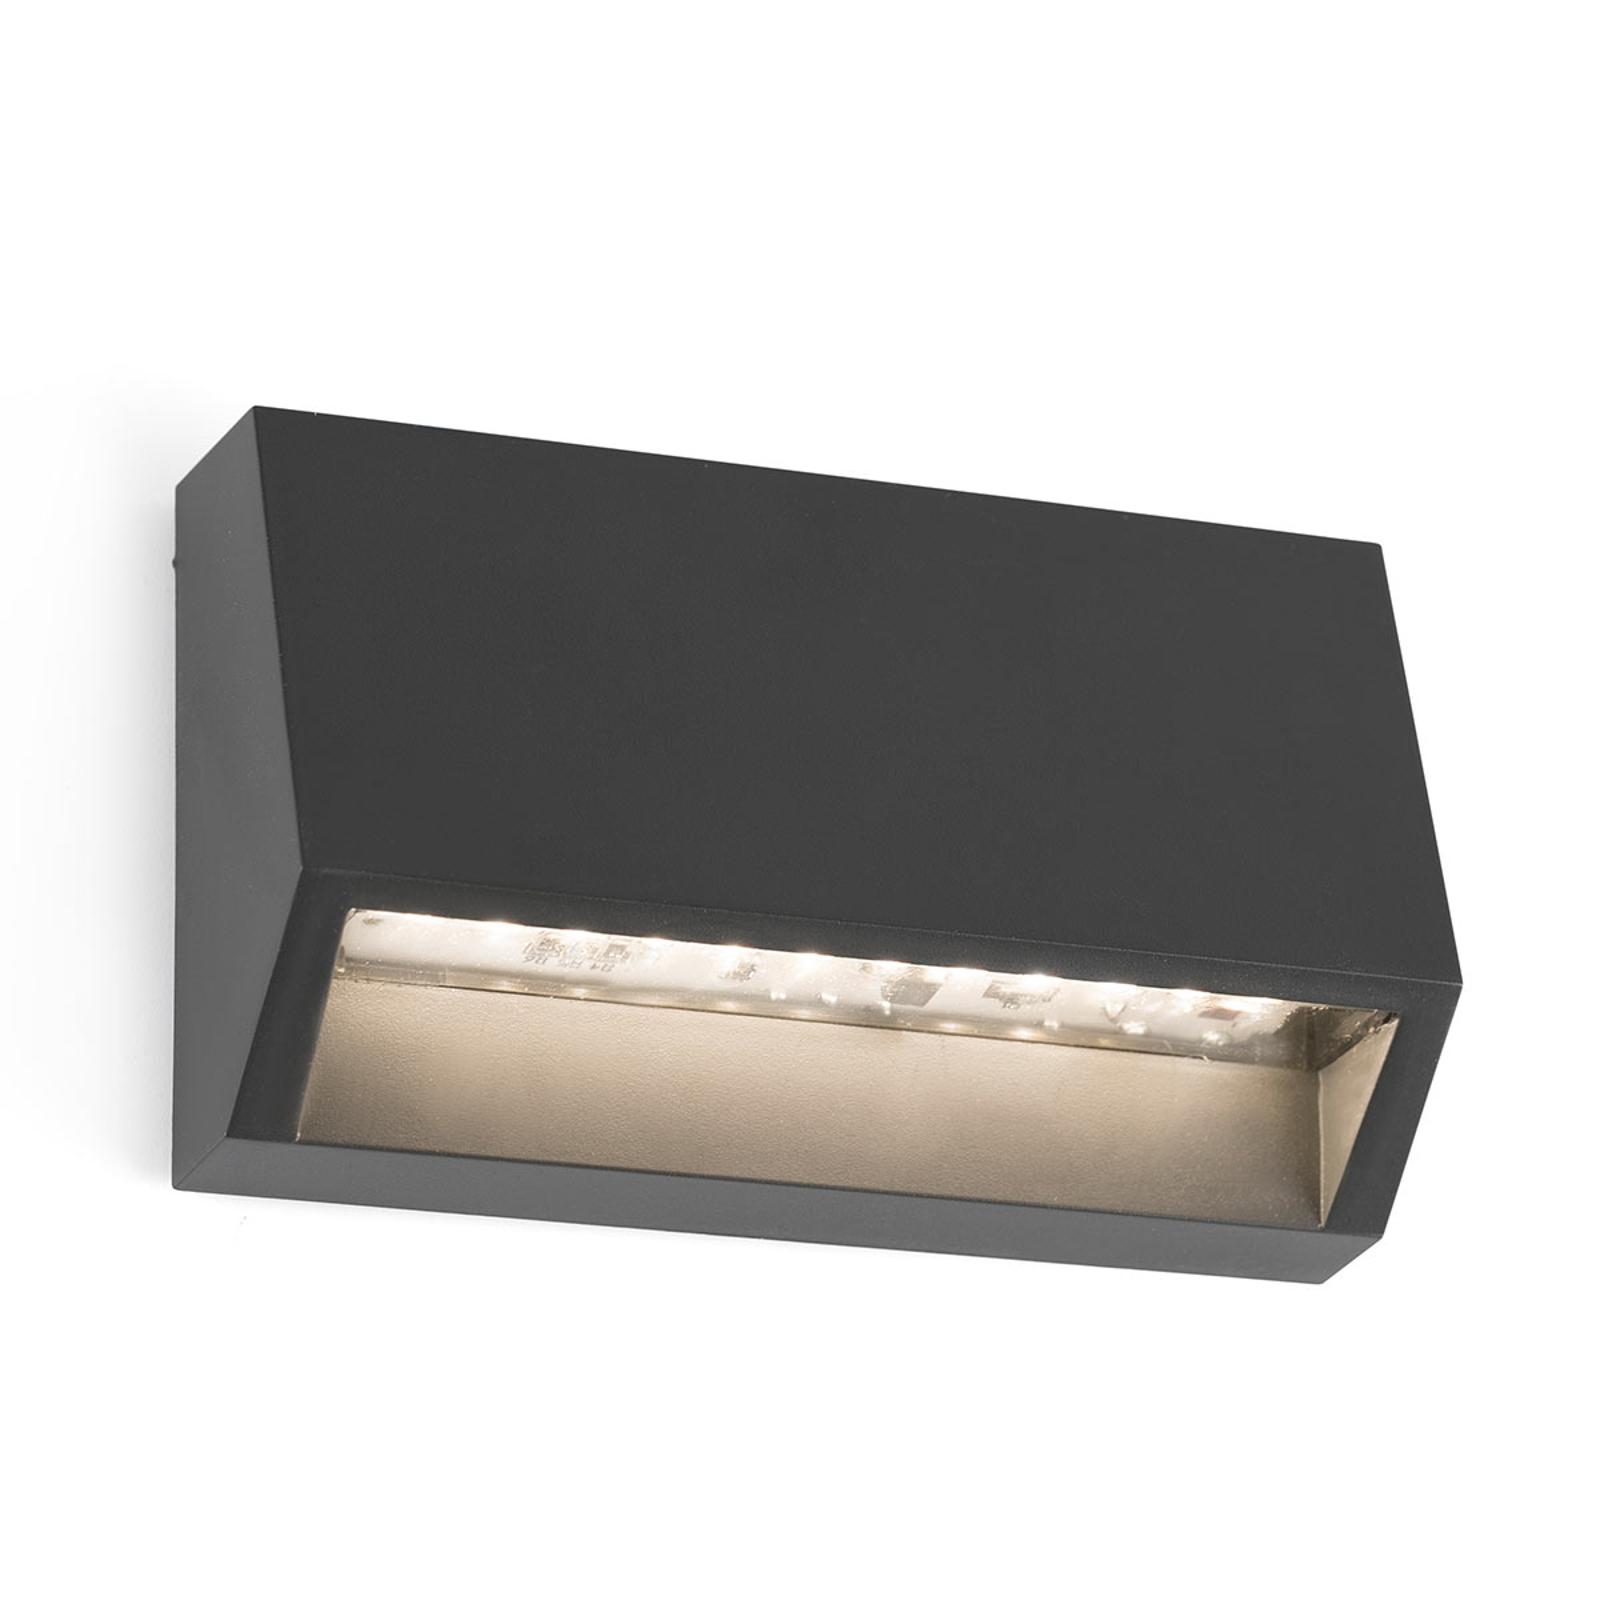 Applique d'extérieur LED Must angulaire - 9,6cm